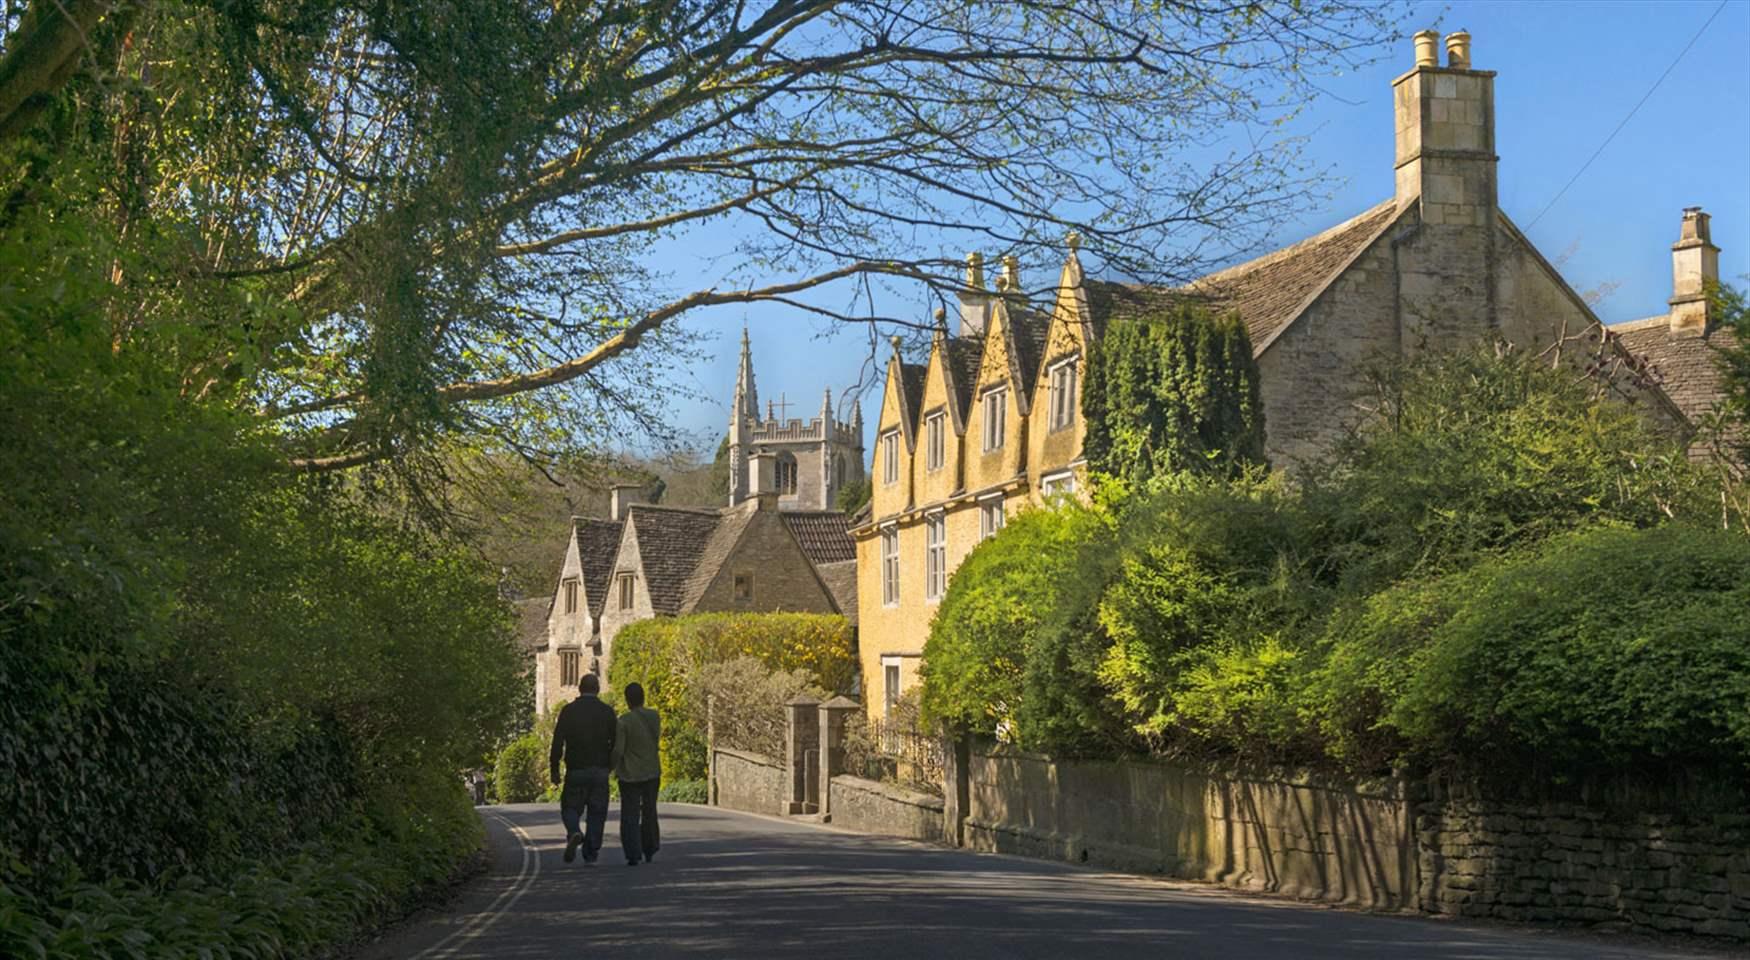 Castle Combe, Wiltshire